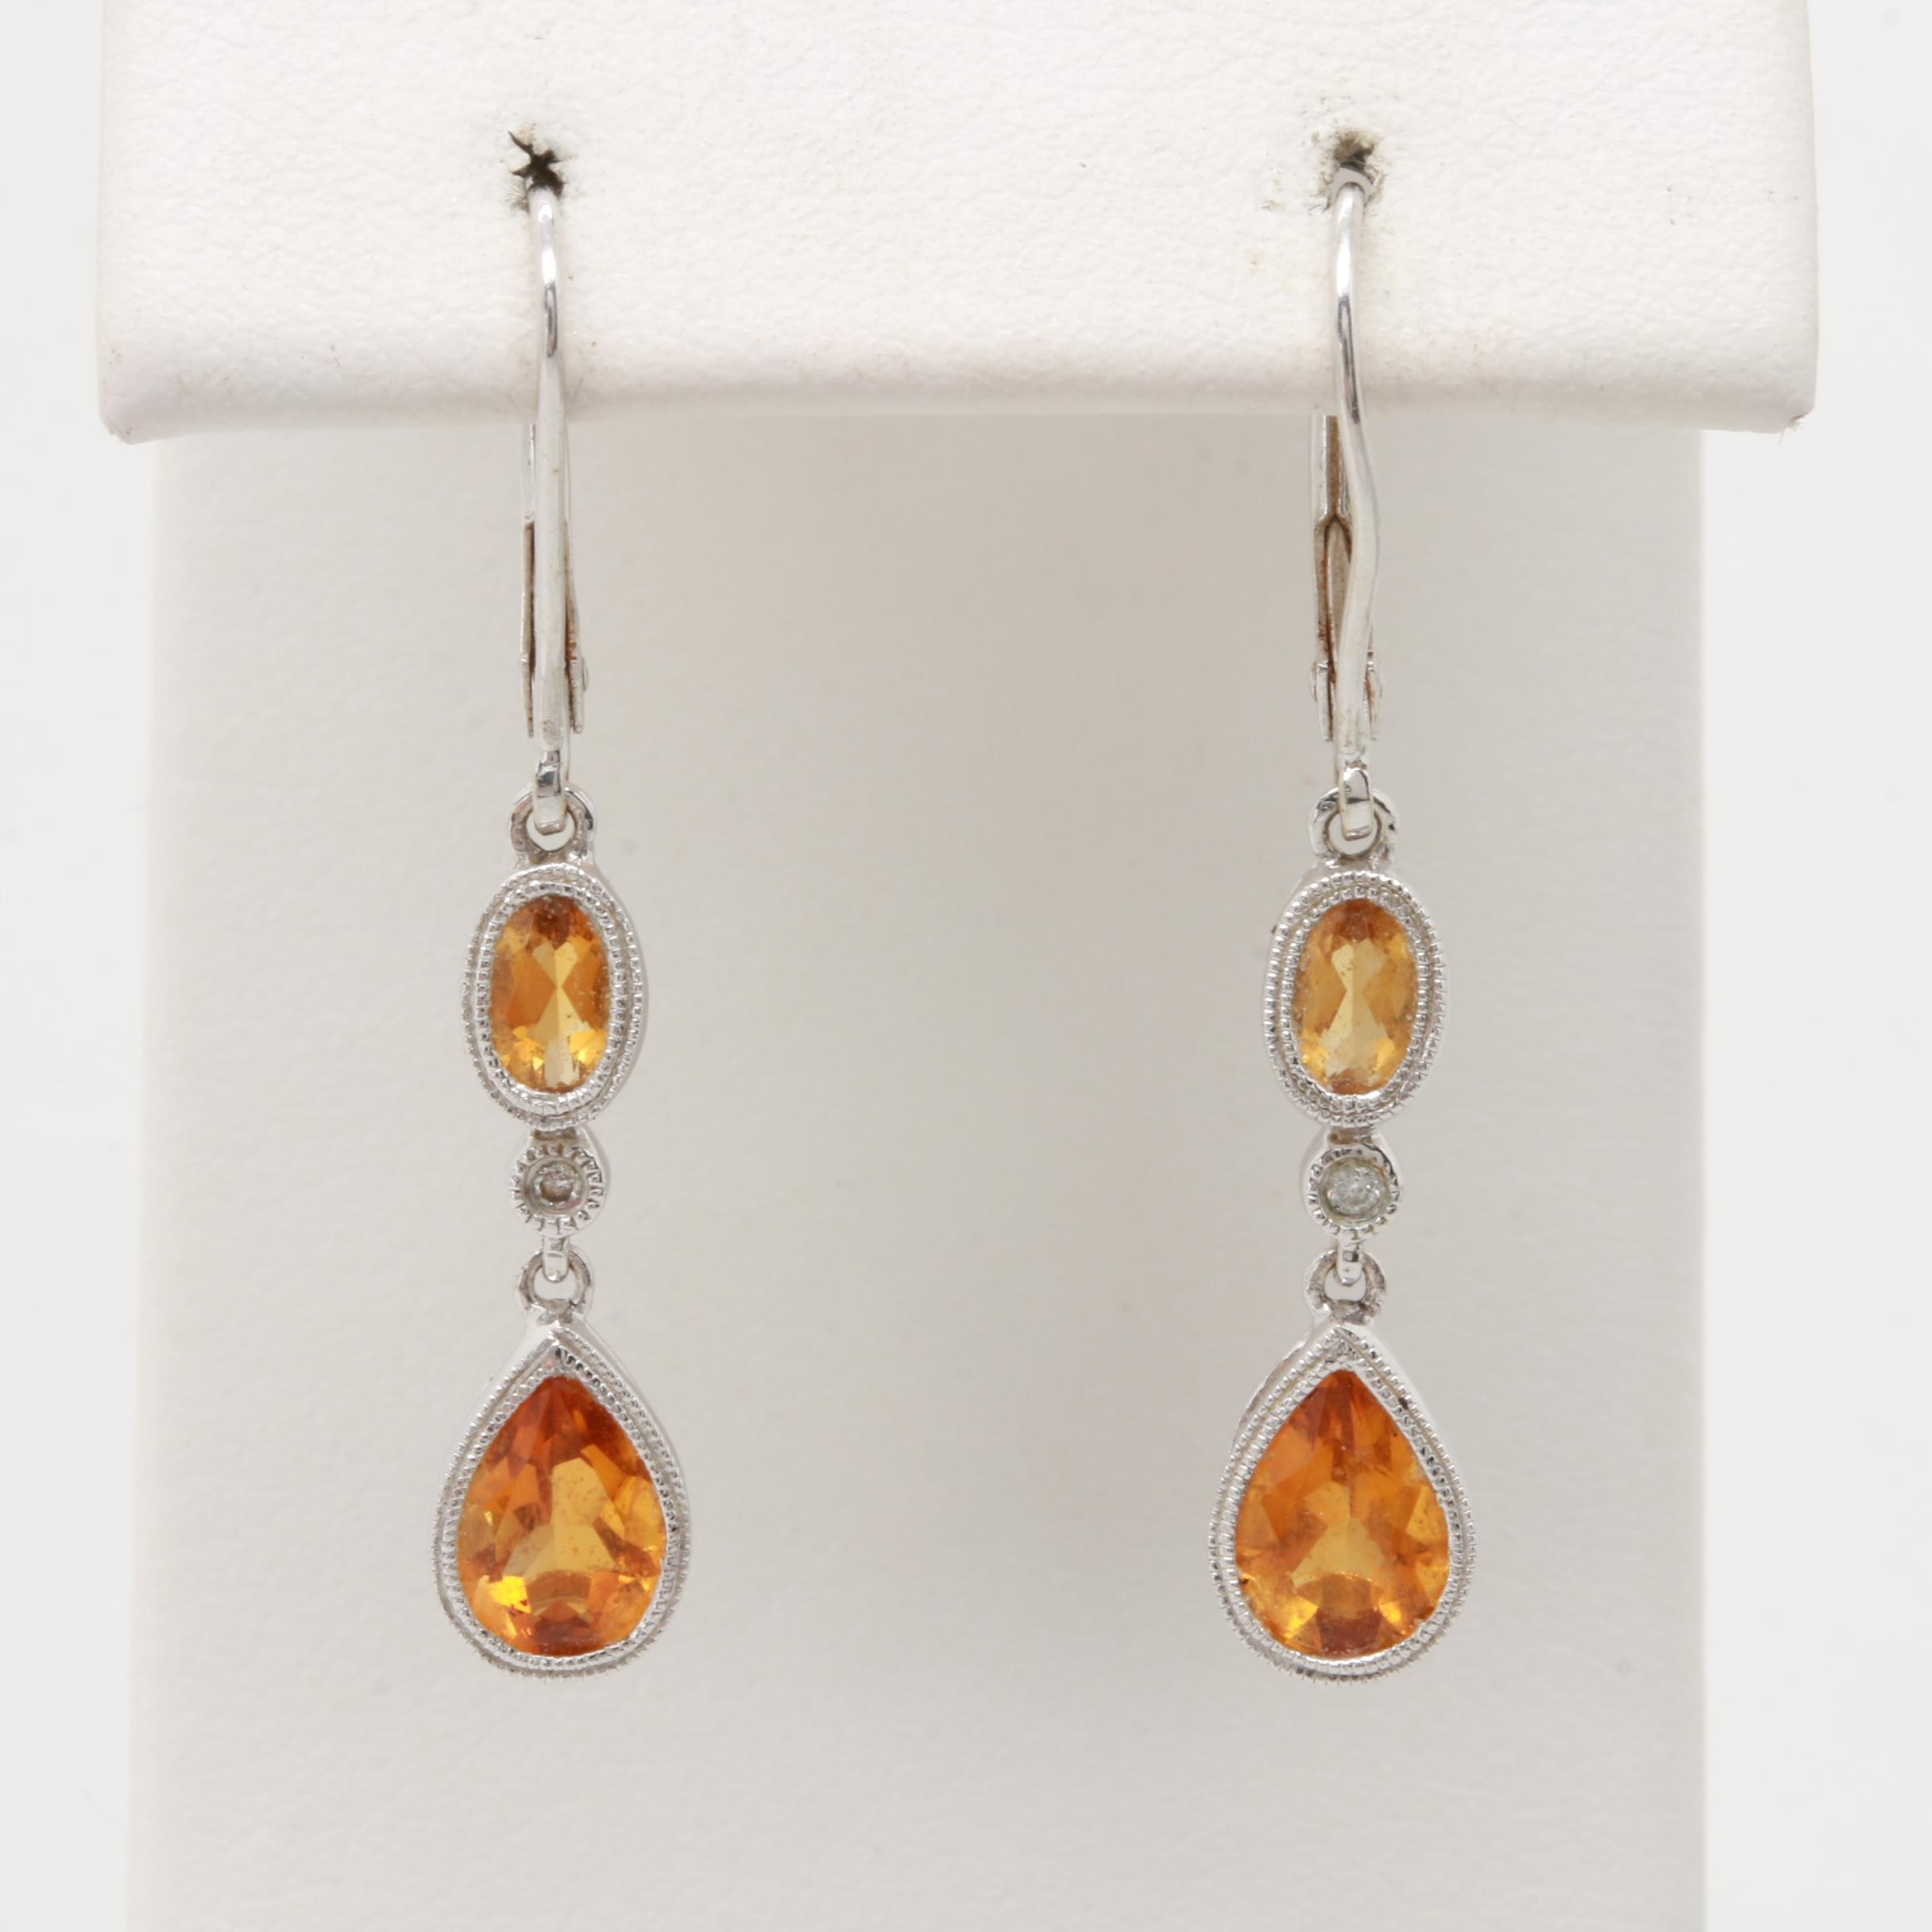 14K White Gold Citrine and Diamond Dangle Earrings